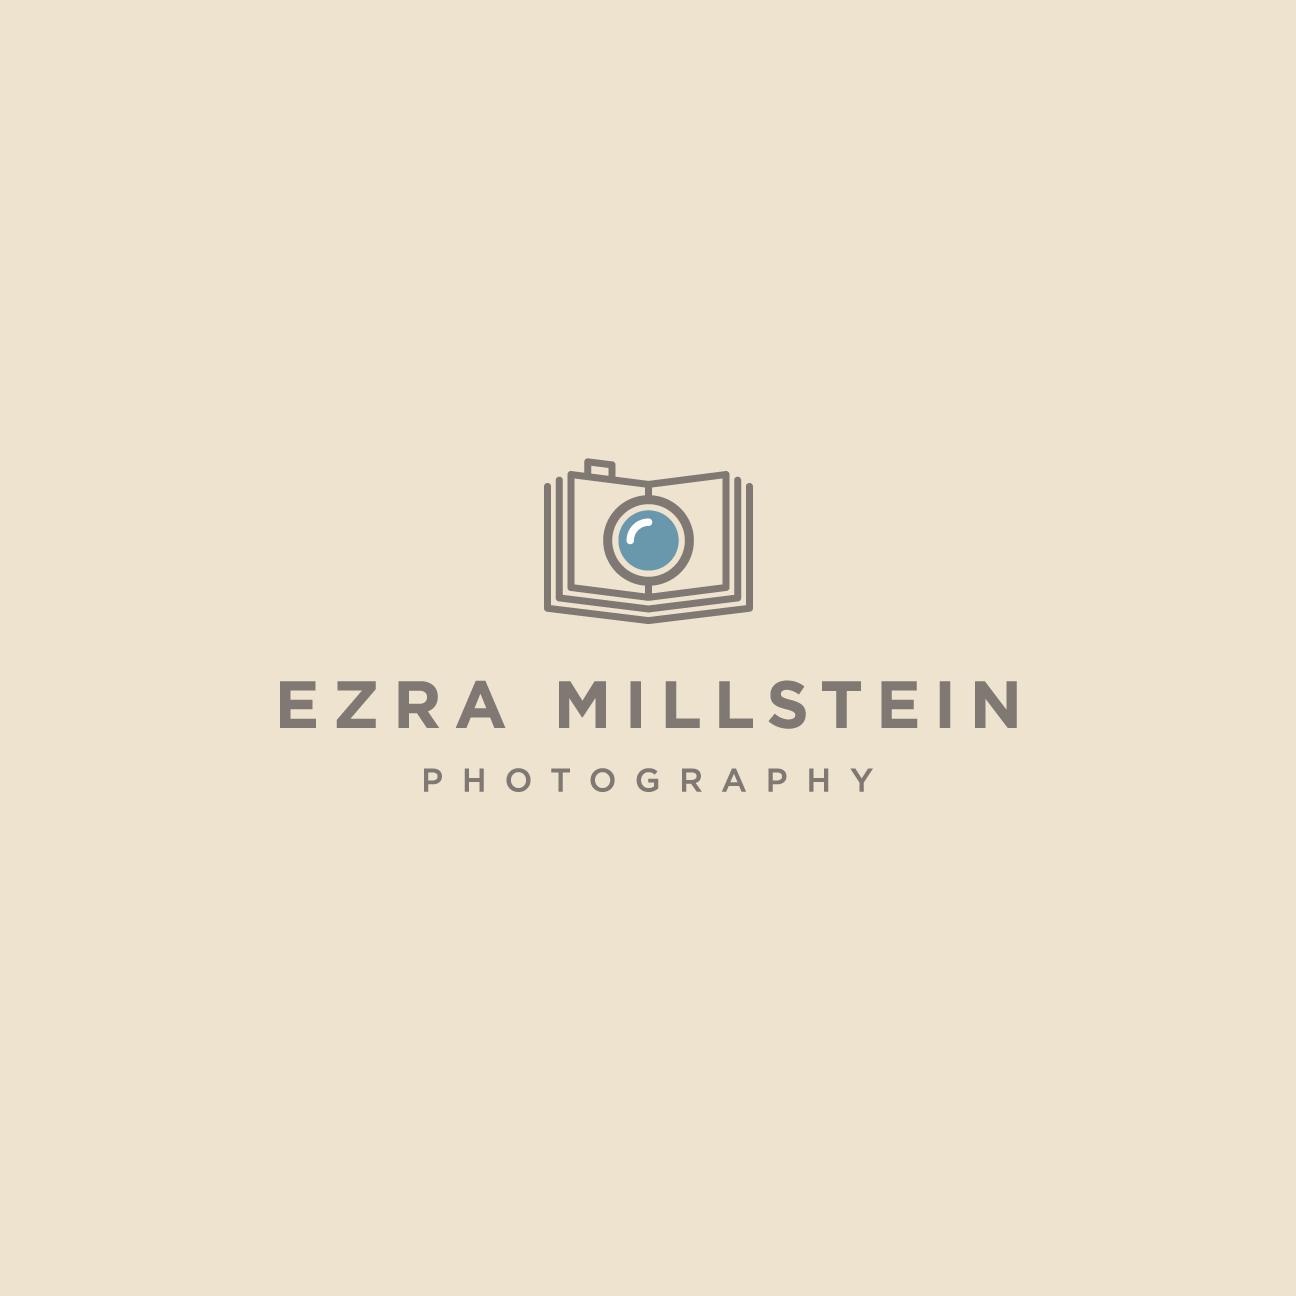 Ezra Millstein Photography Logo